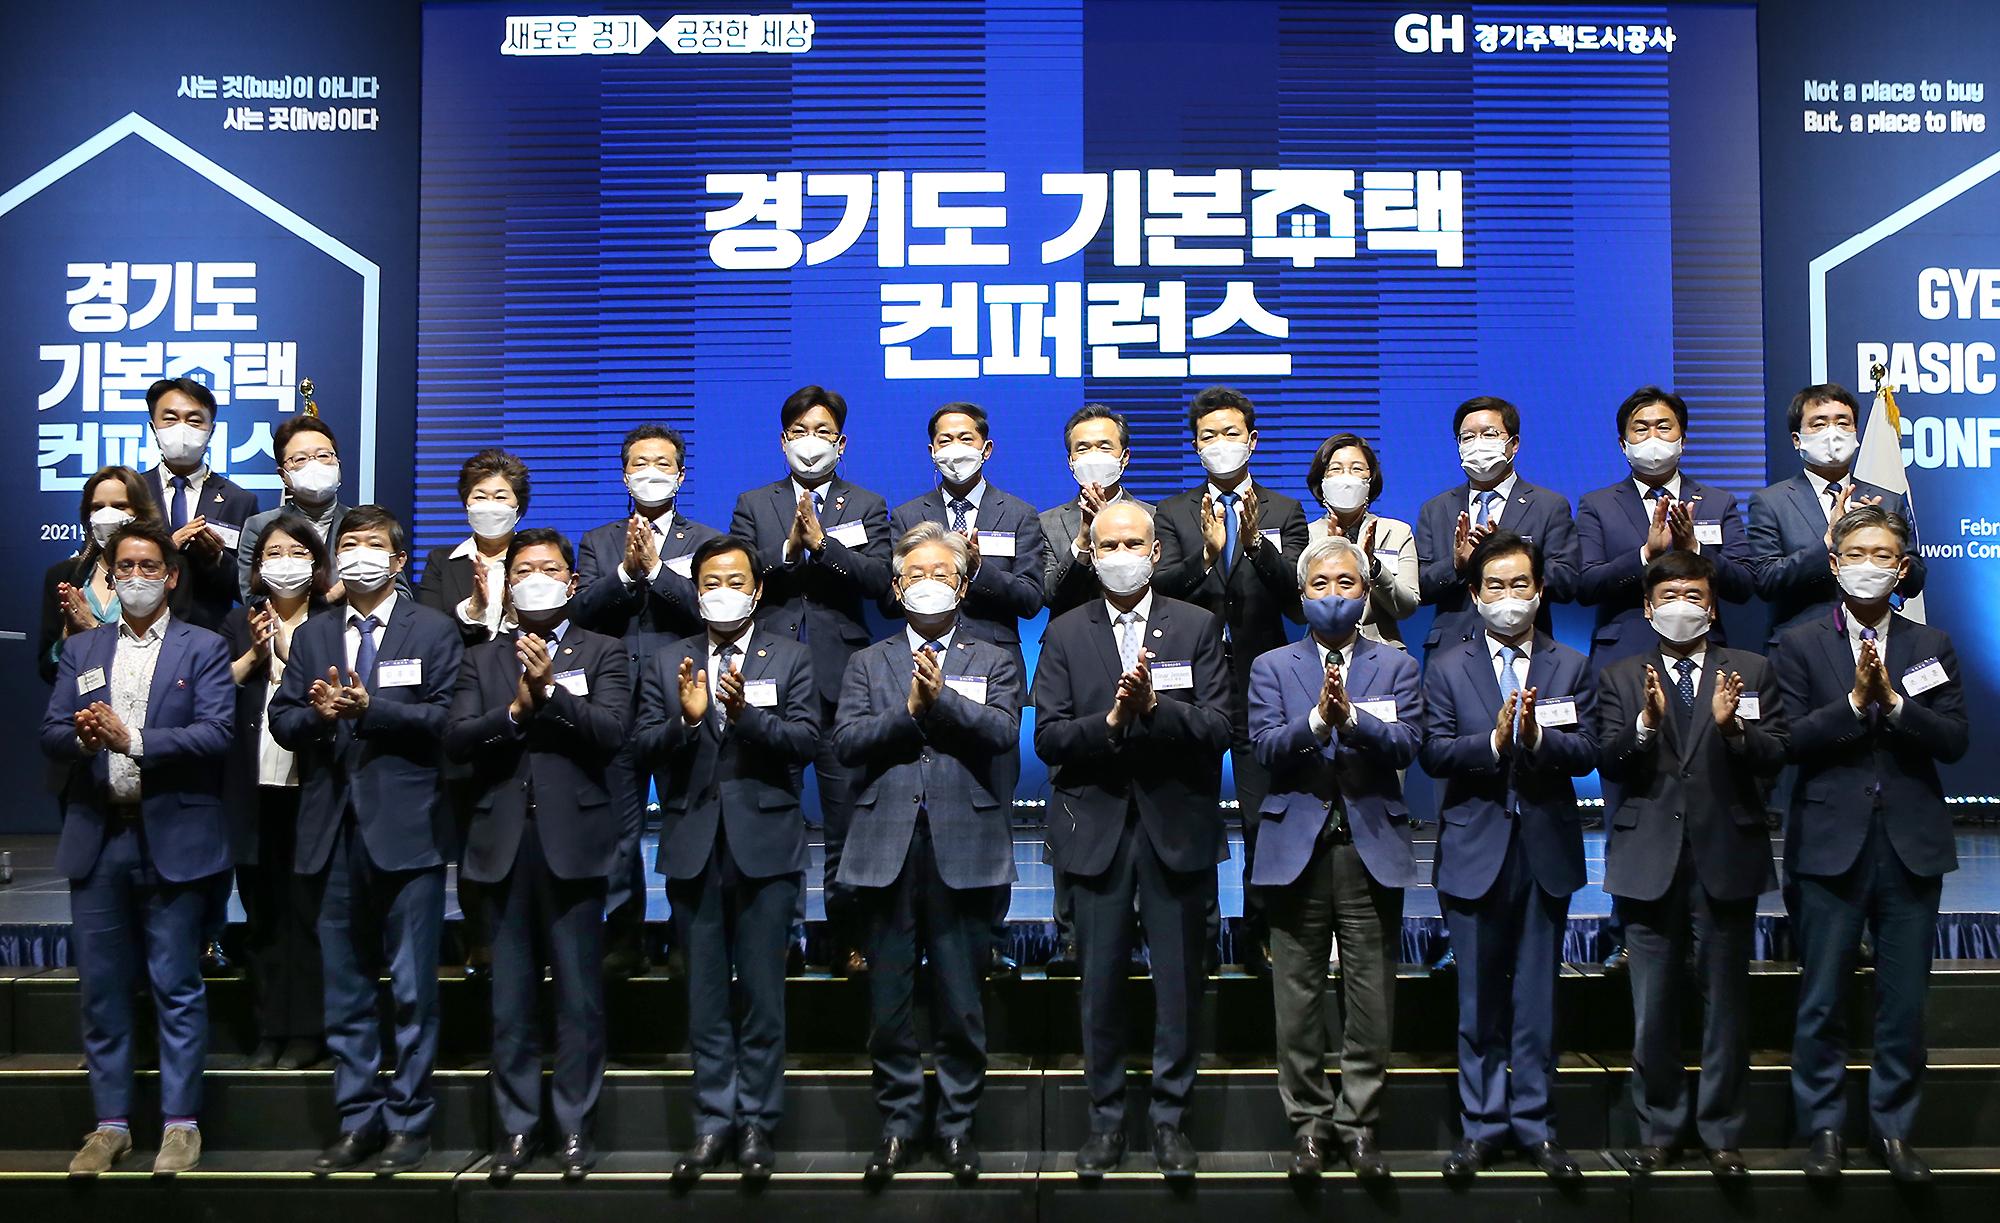 경기도와 경기주택도시공사(GH)는 지난 2월 25일 수원컨벤션센터에서 국내외 전문가들이 참여한 가운데 '경기도 기본주택 컨퍼런스'를 개최했다.